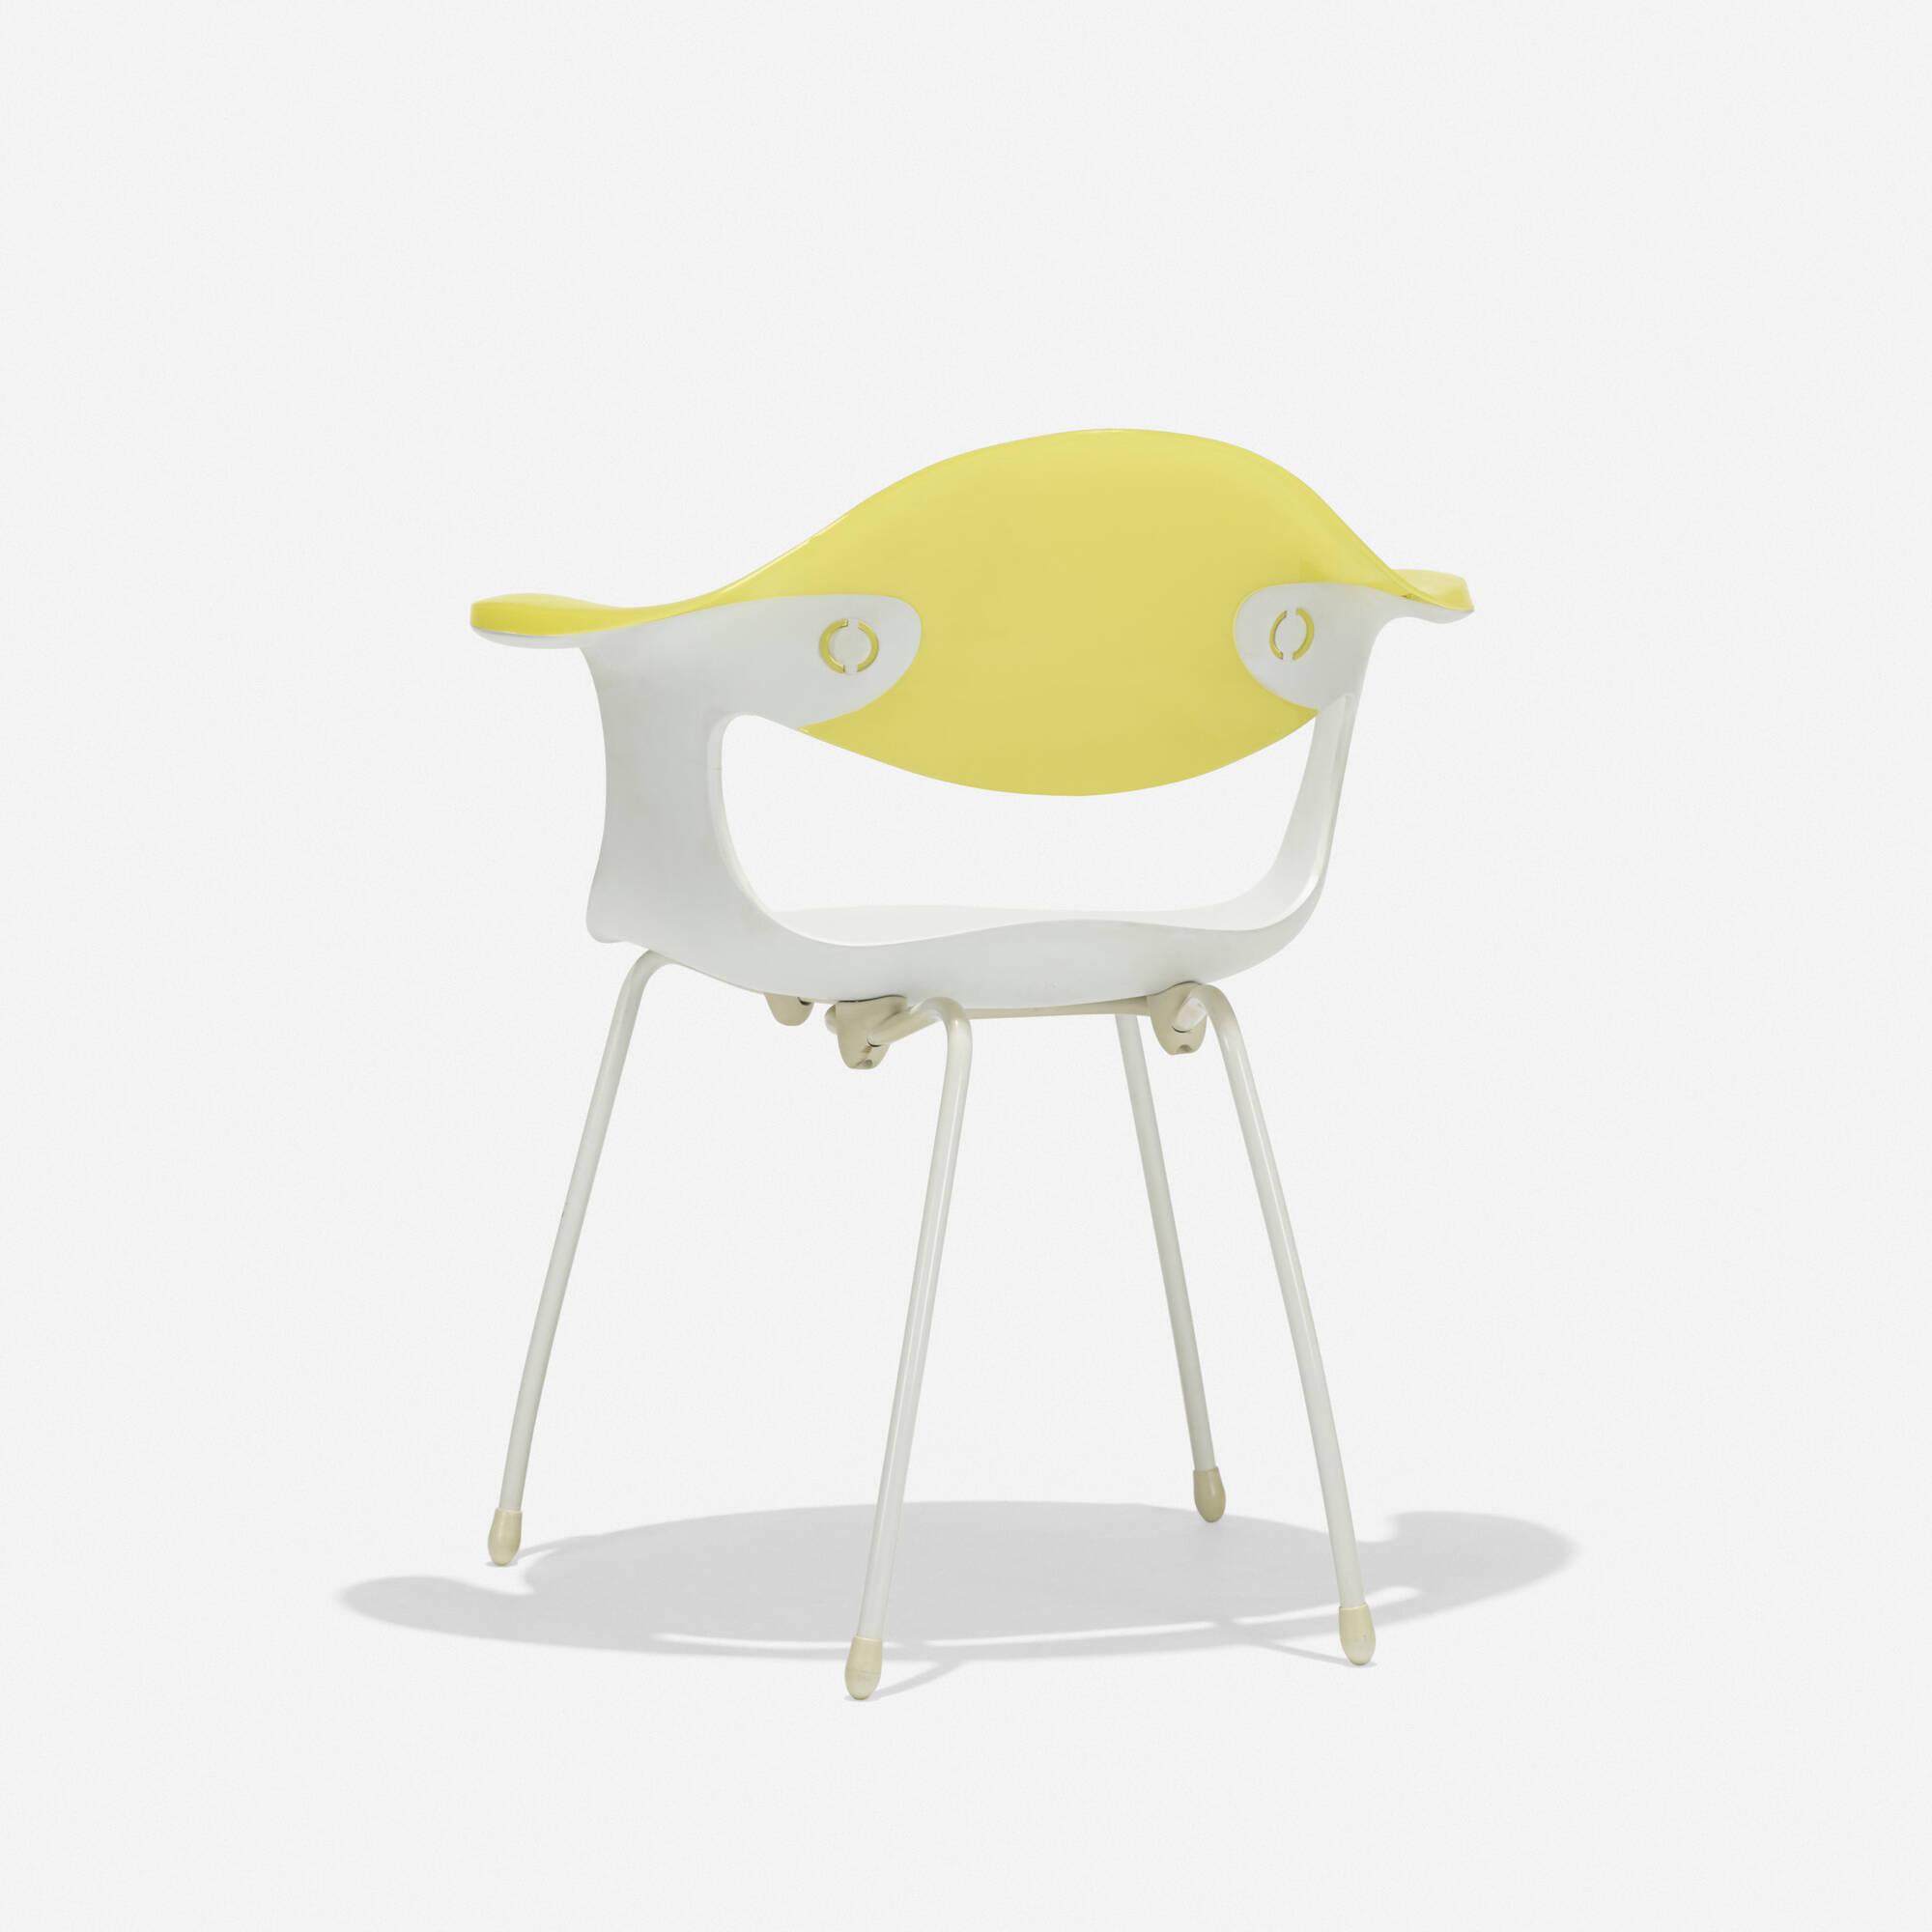 172: Ross Lovegrove / Bluebelle chair (2 of 3)